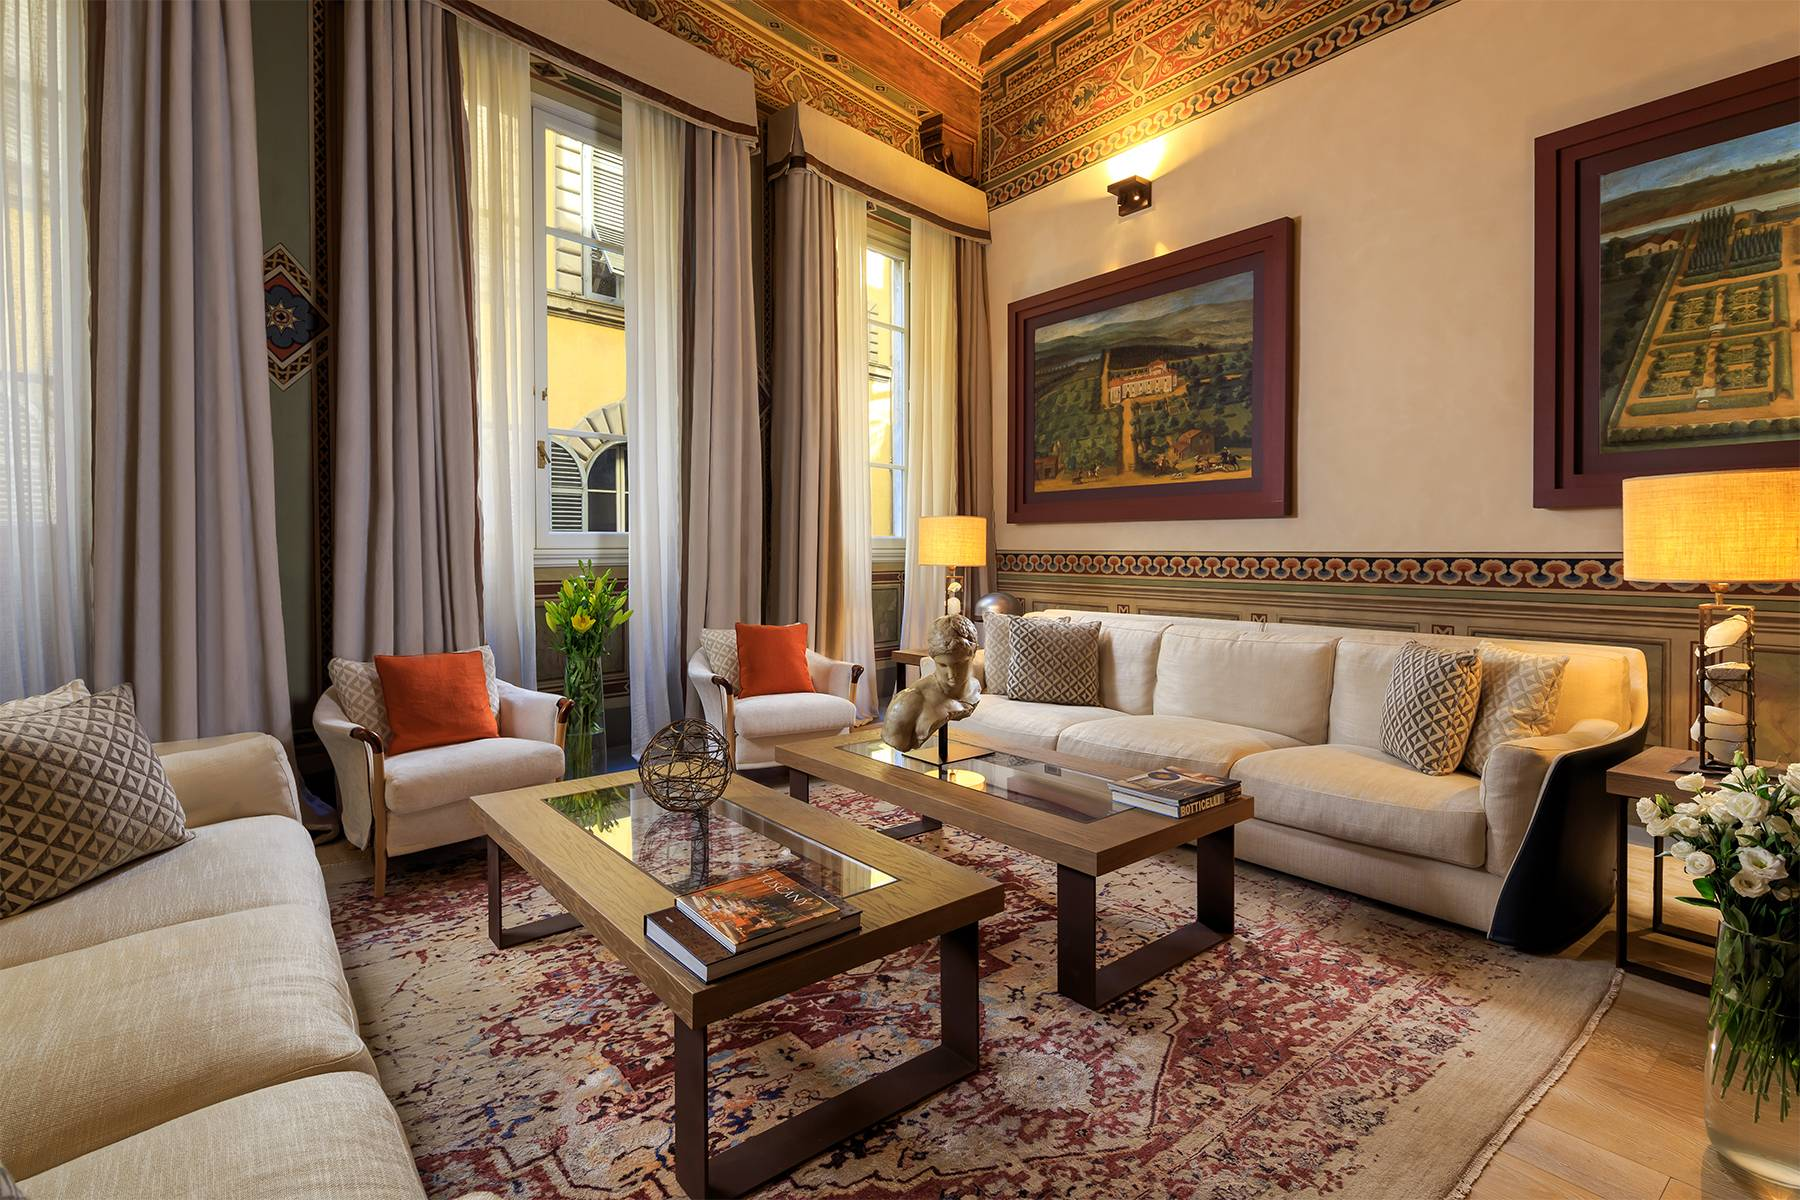 Moderne Wohnung im historischen Palast - 1